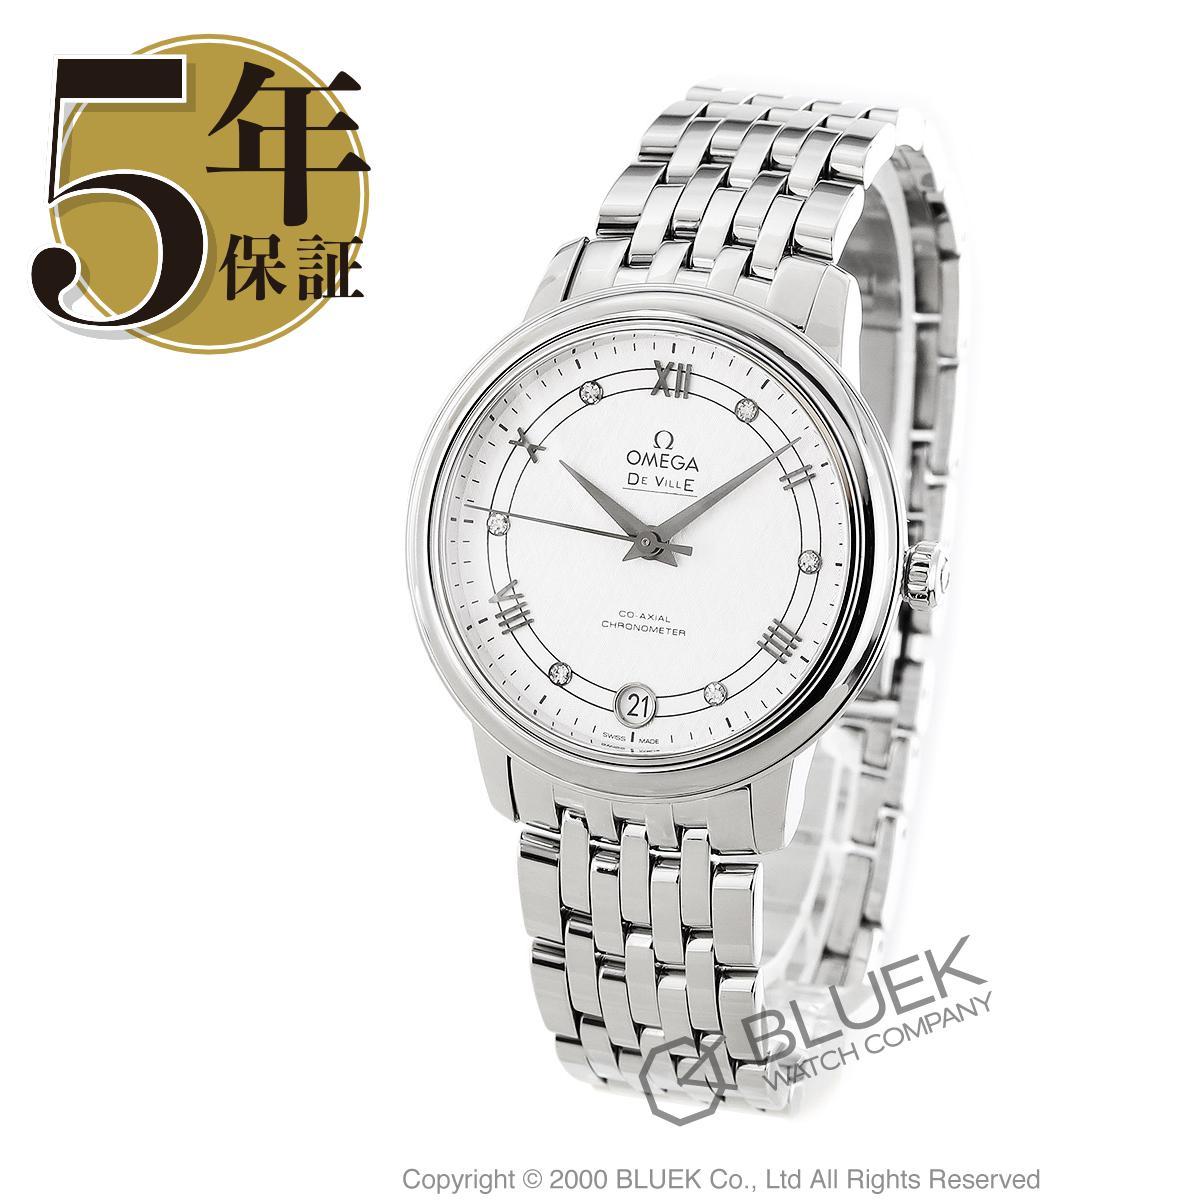 オメガ デビル プレステージ ダイヤ 腕時計 レディース OMEGA 424.10.33.20.52.002_5